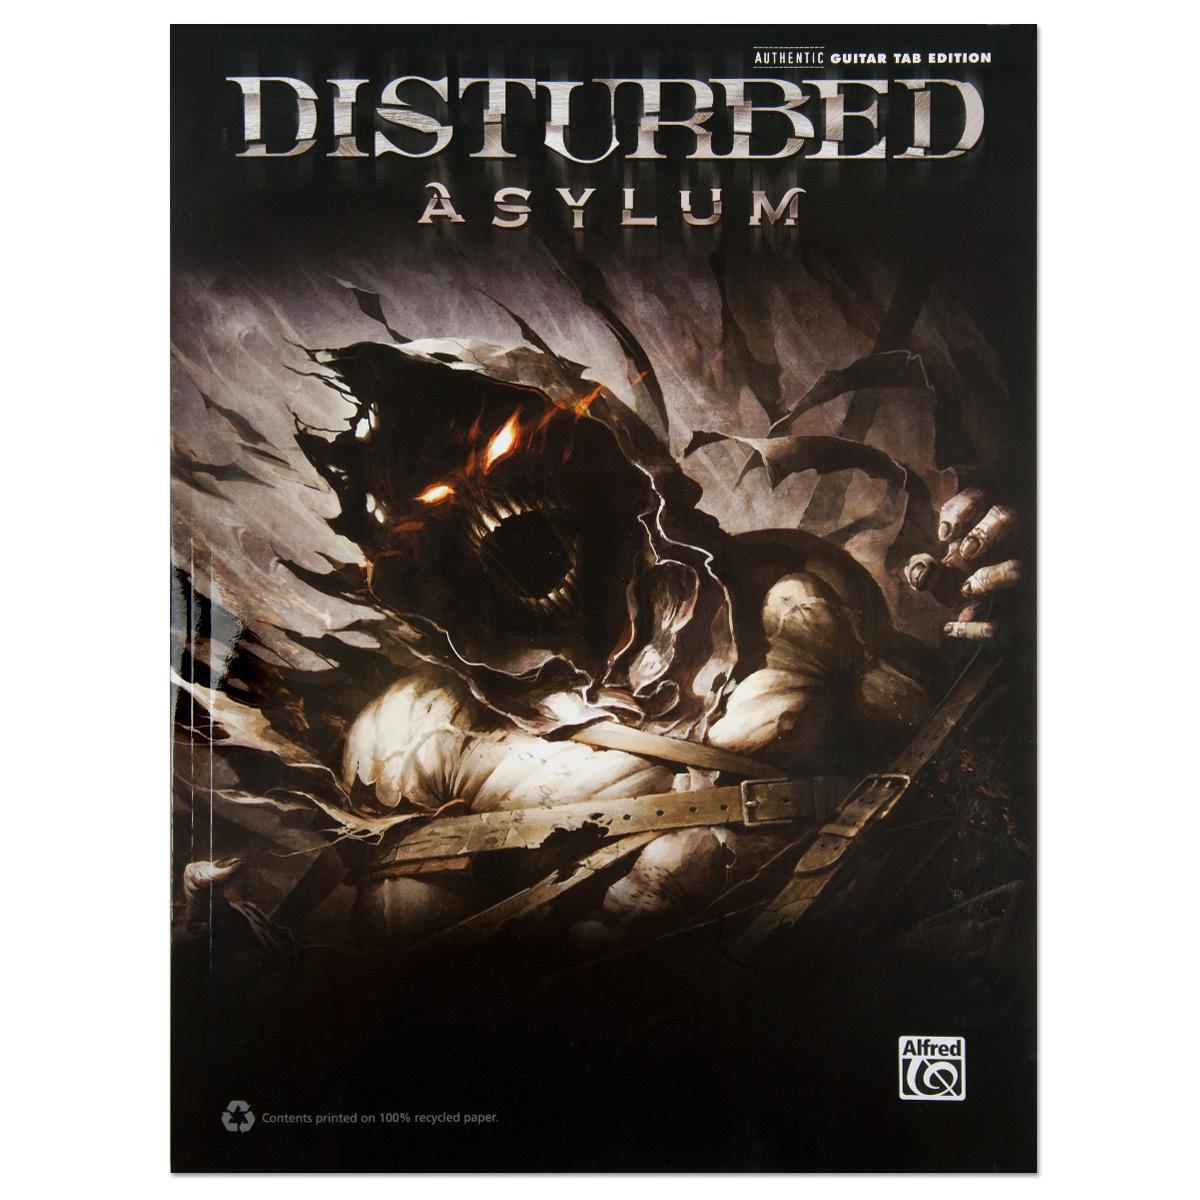 Disturbed - Asylum Songbook